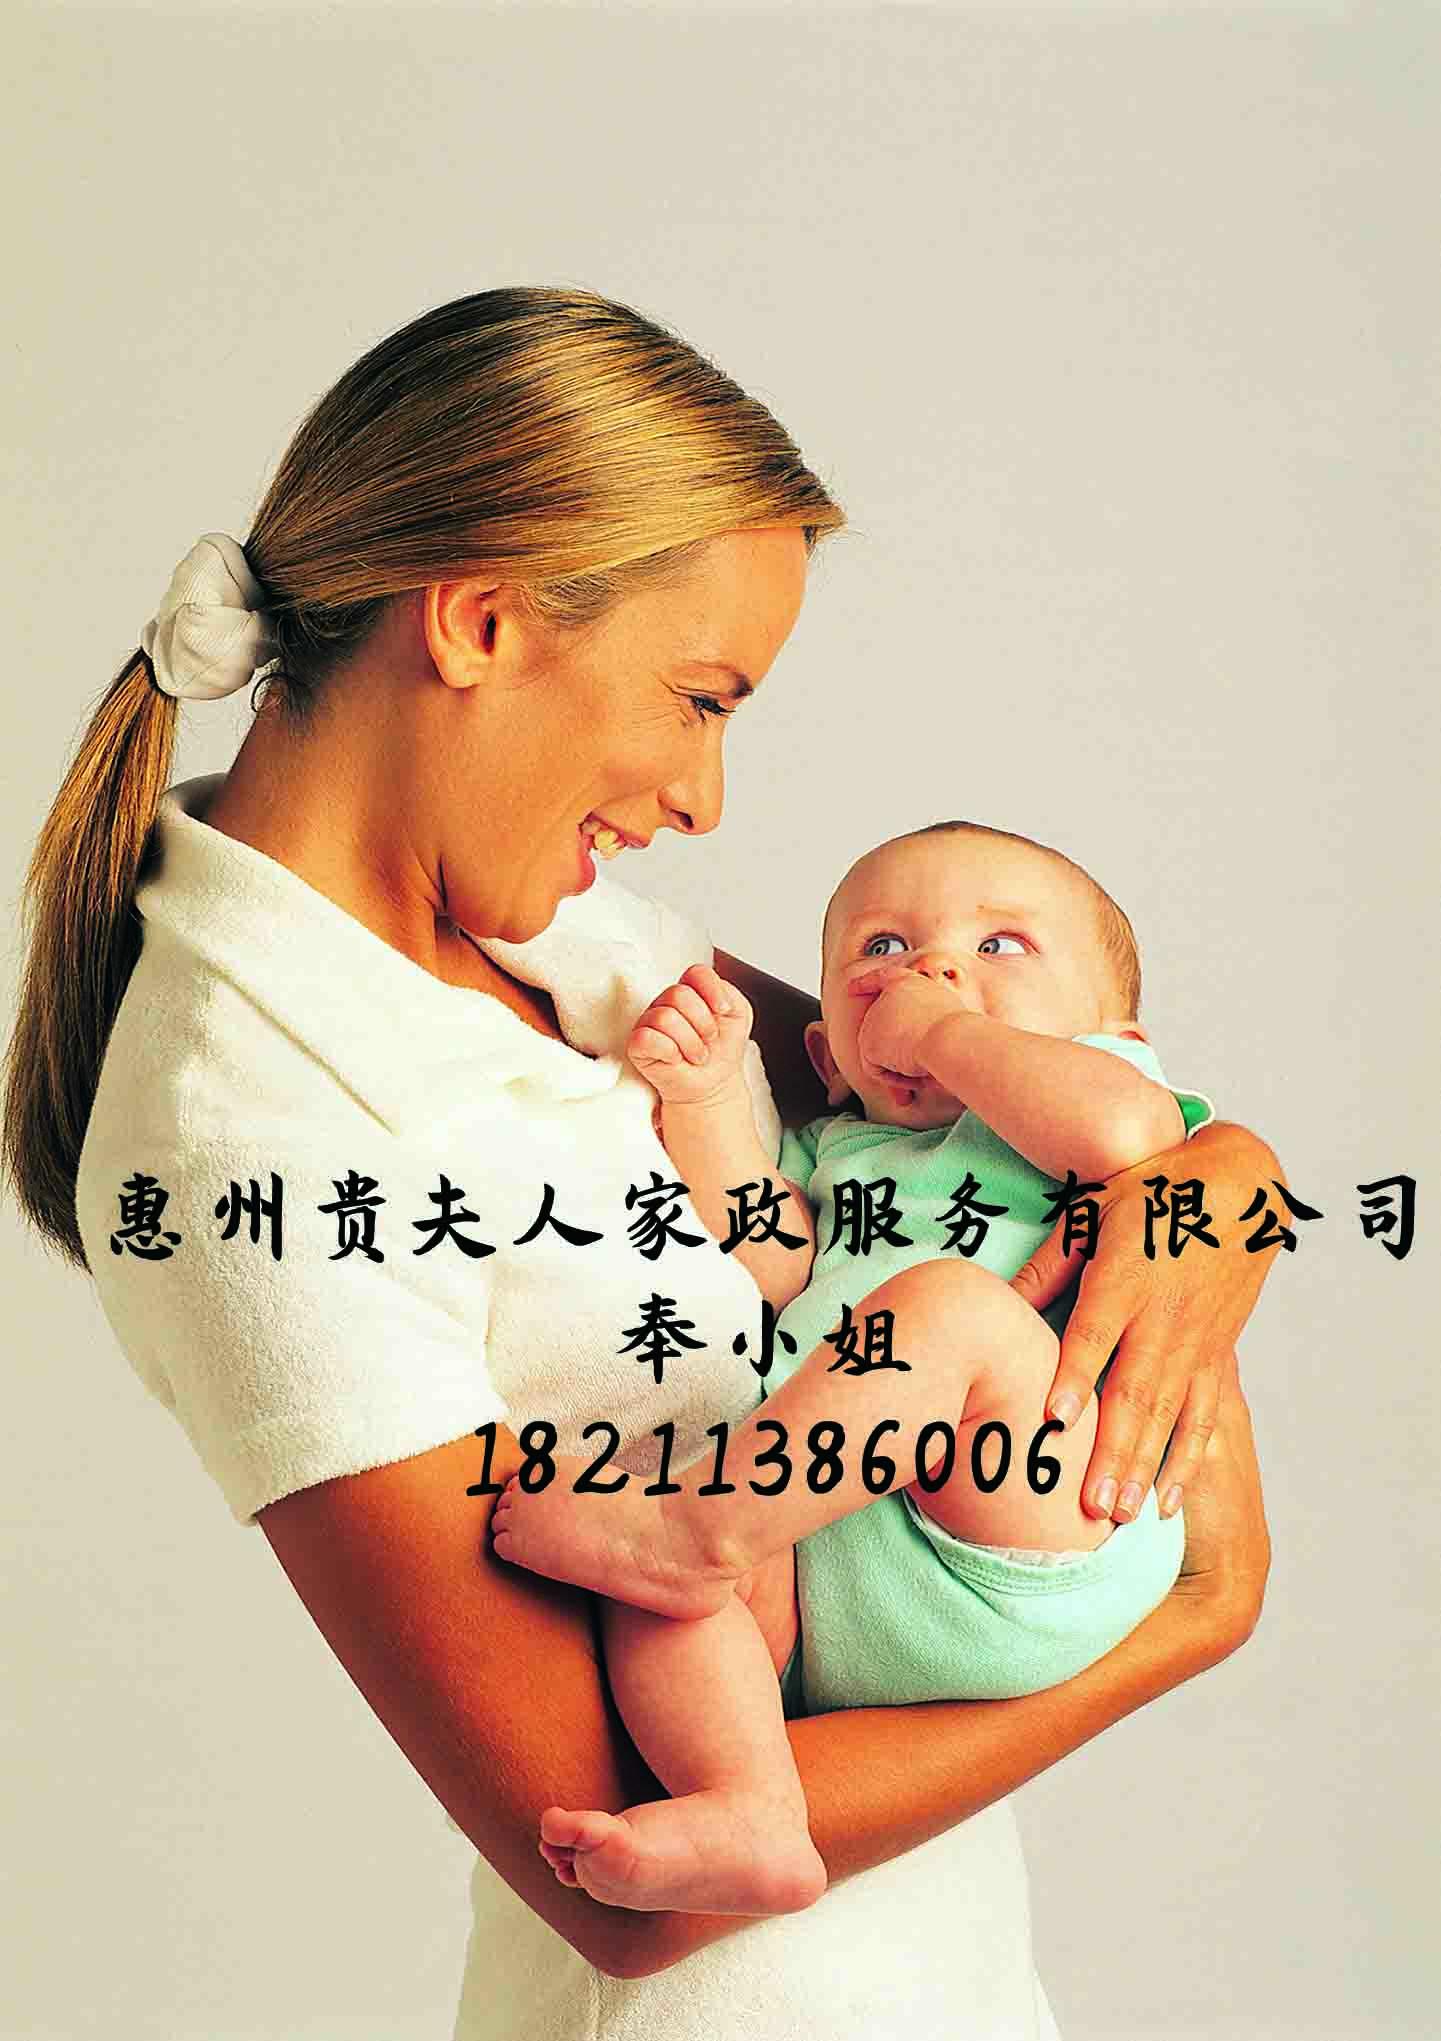 惠州催乳师,惠州催乳师培训,惠州通乳师